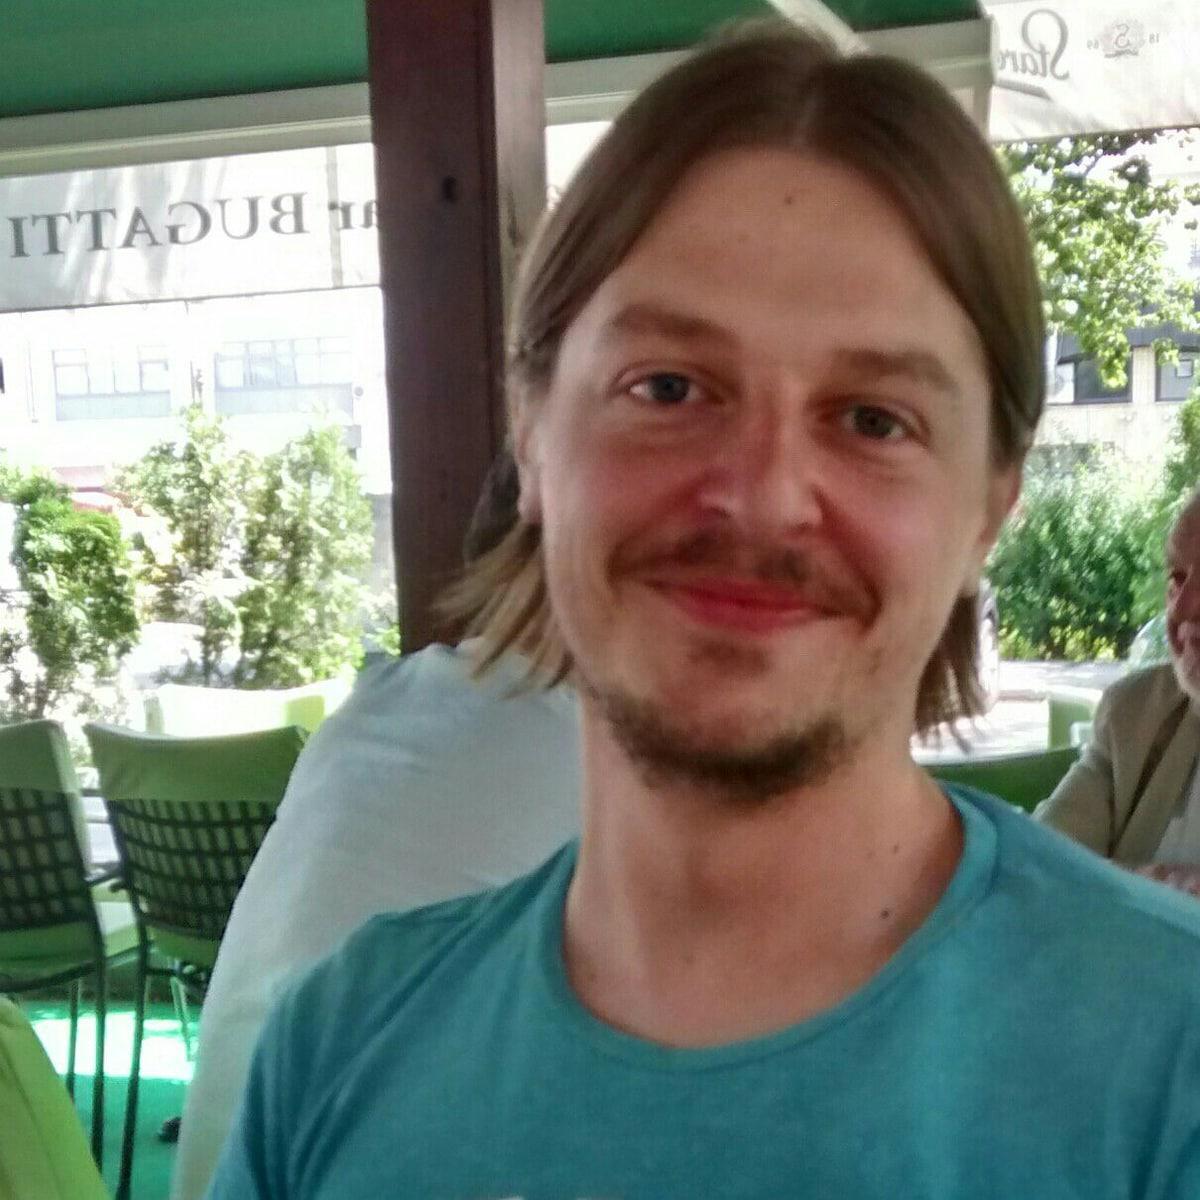 Tomislav from Zagreb